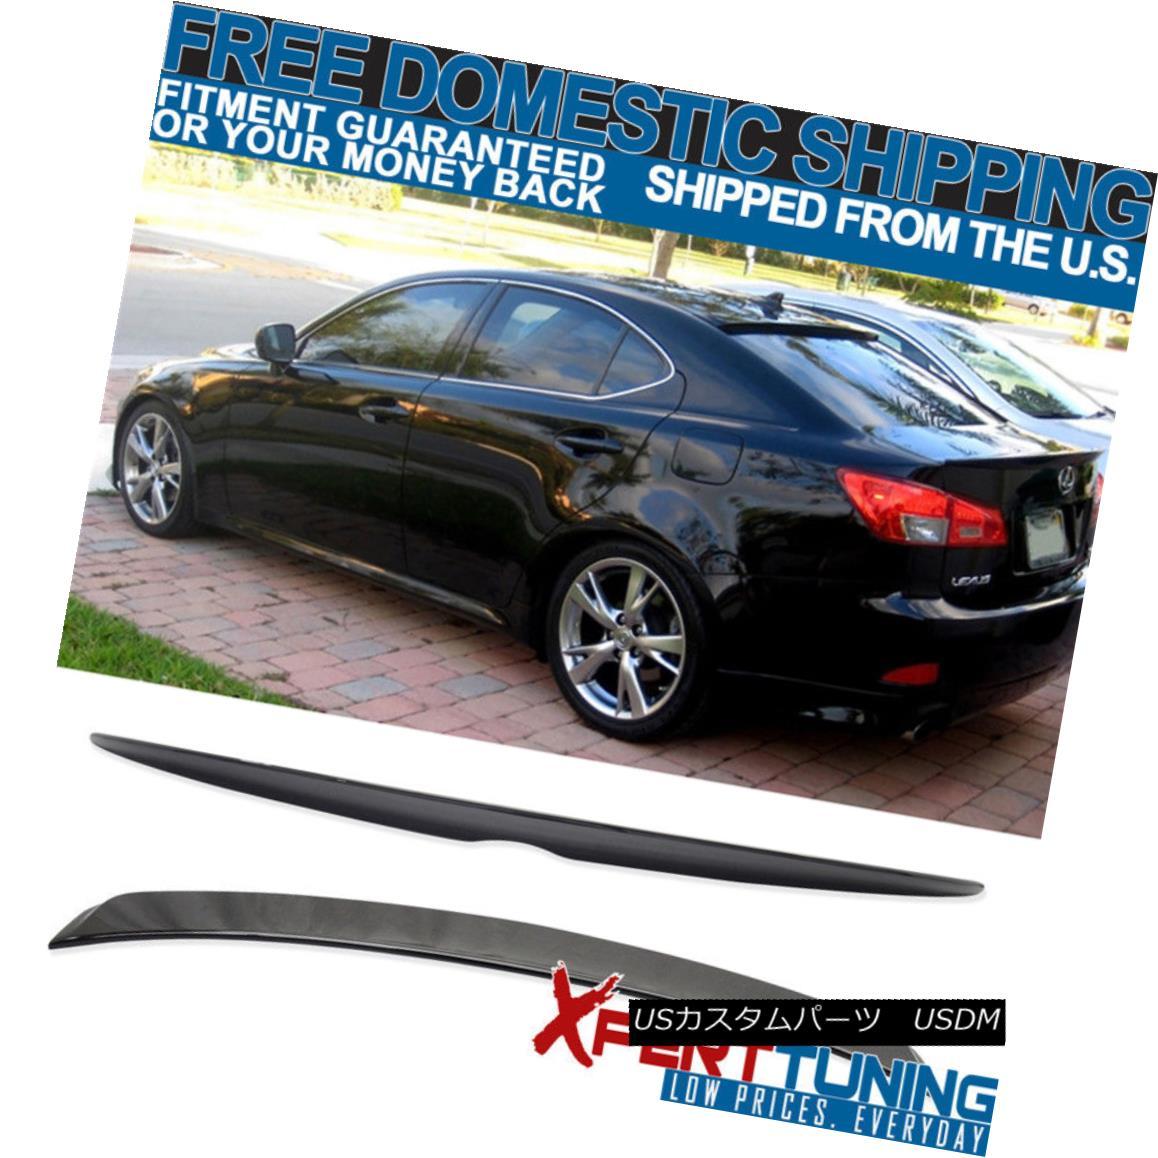 エアロパーツ Fit 06-13 IS250 IS350 OE Trunk Spoiler + Roof Spoiler Painted # 202 Black ABS フィット06-13 IS250 IS350 OEトランク・スポイラー+ルーフスポイラー#202黒色塗装